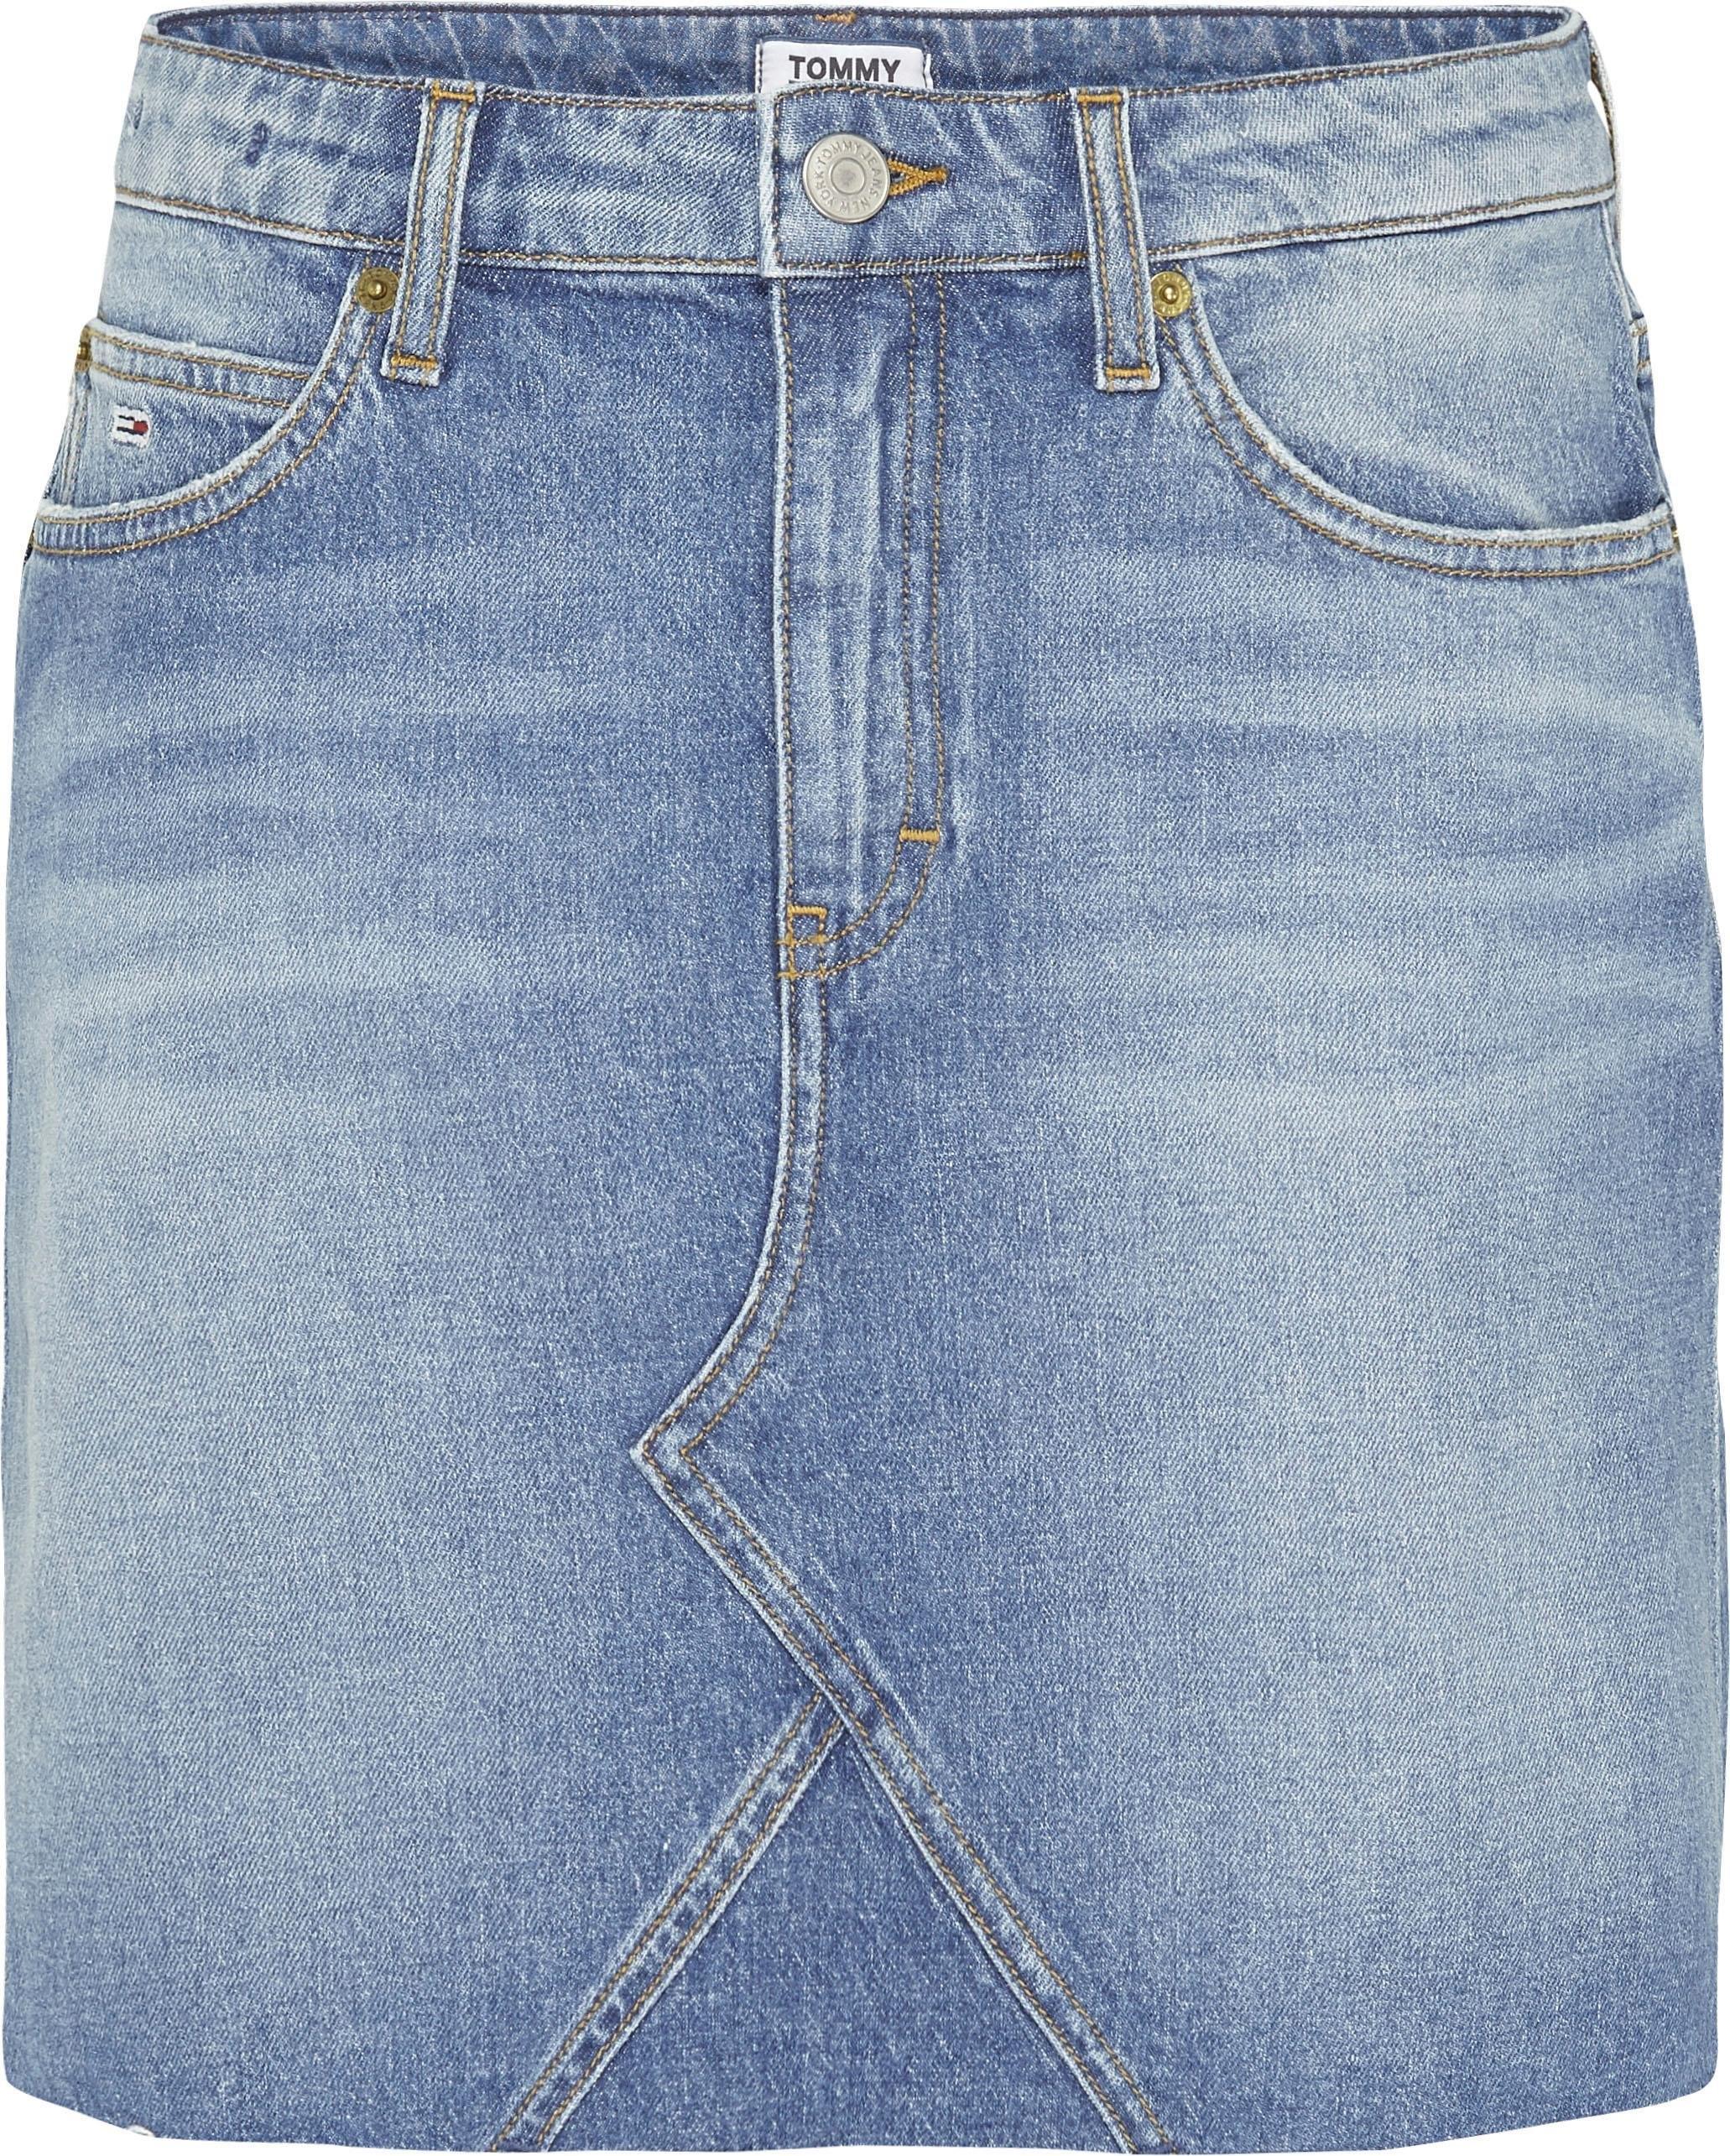 Tommy Jeans jeansrok »SHORT DENIM SKIRT ANMB« veilig op otto.nl kopen